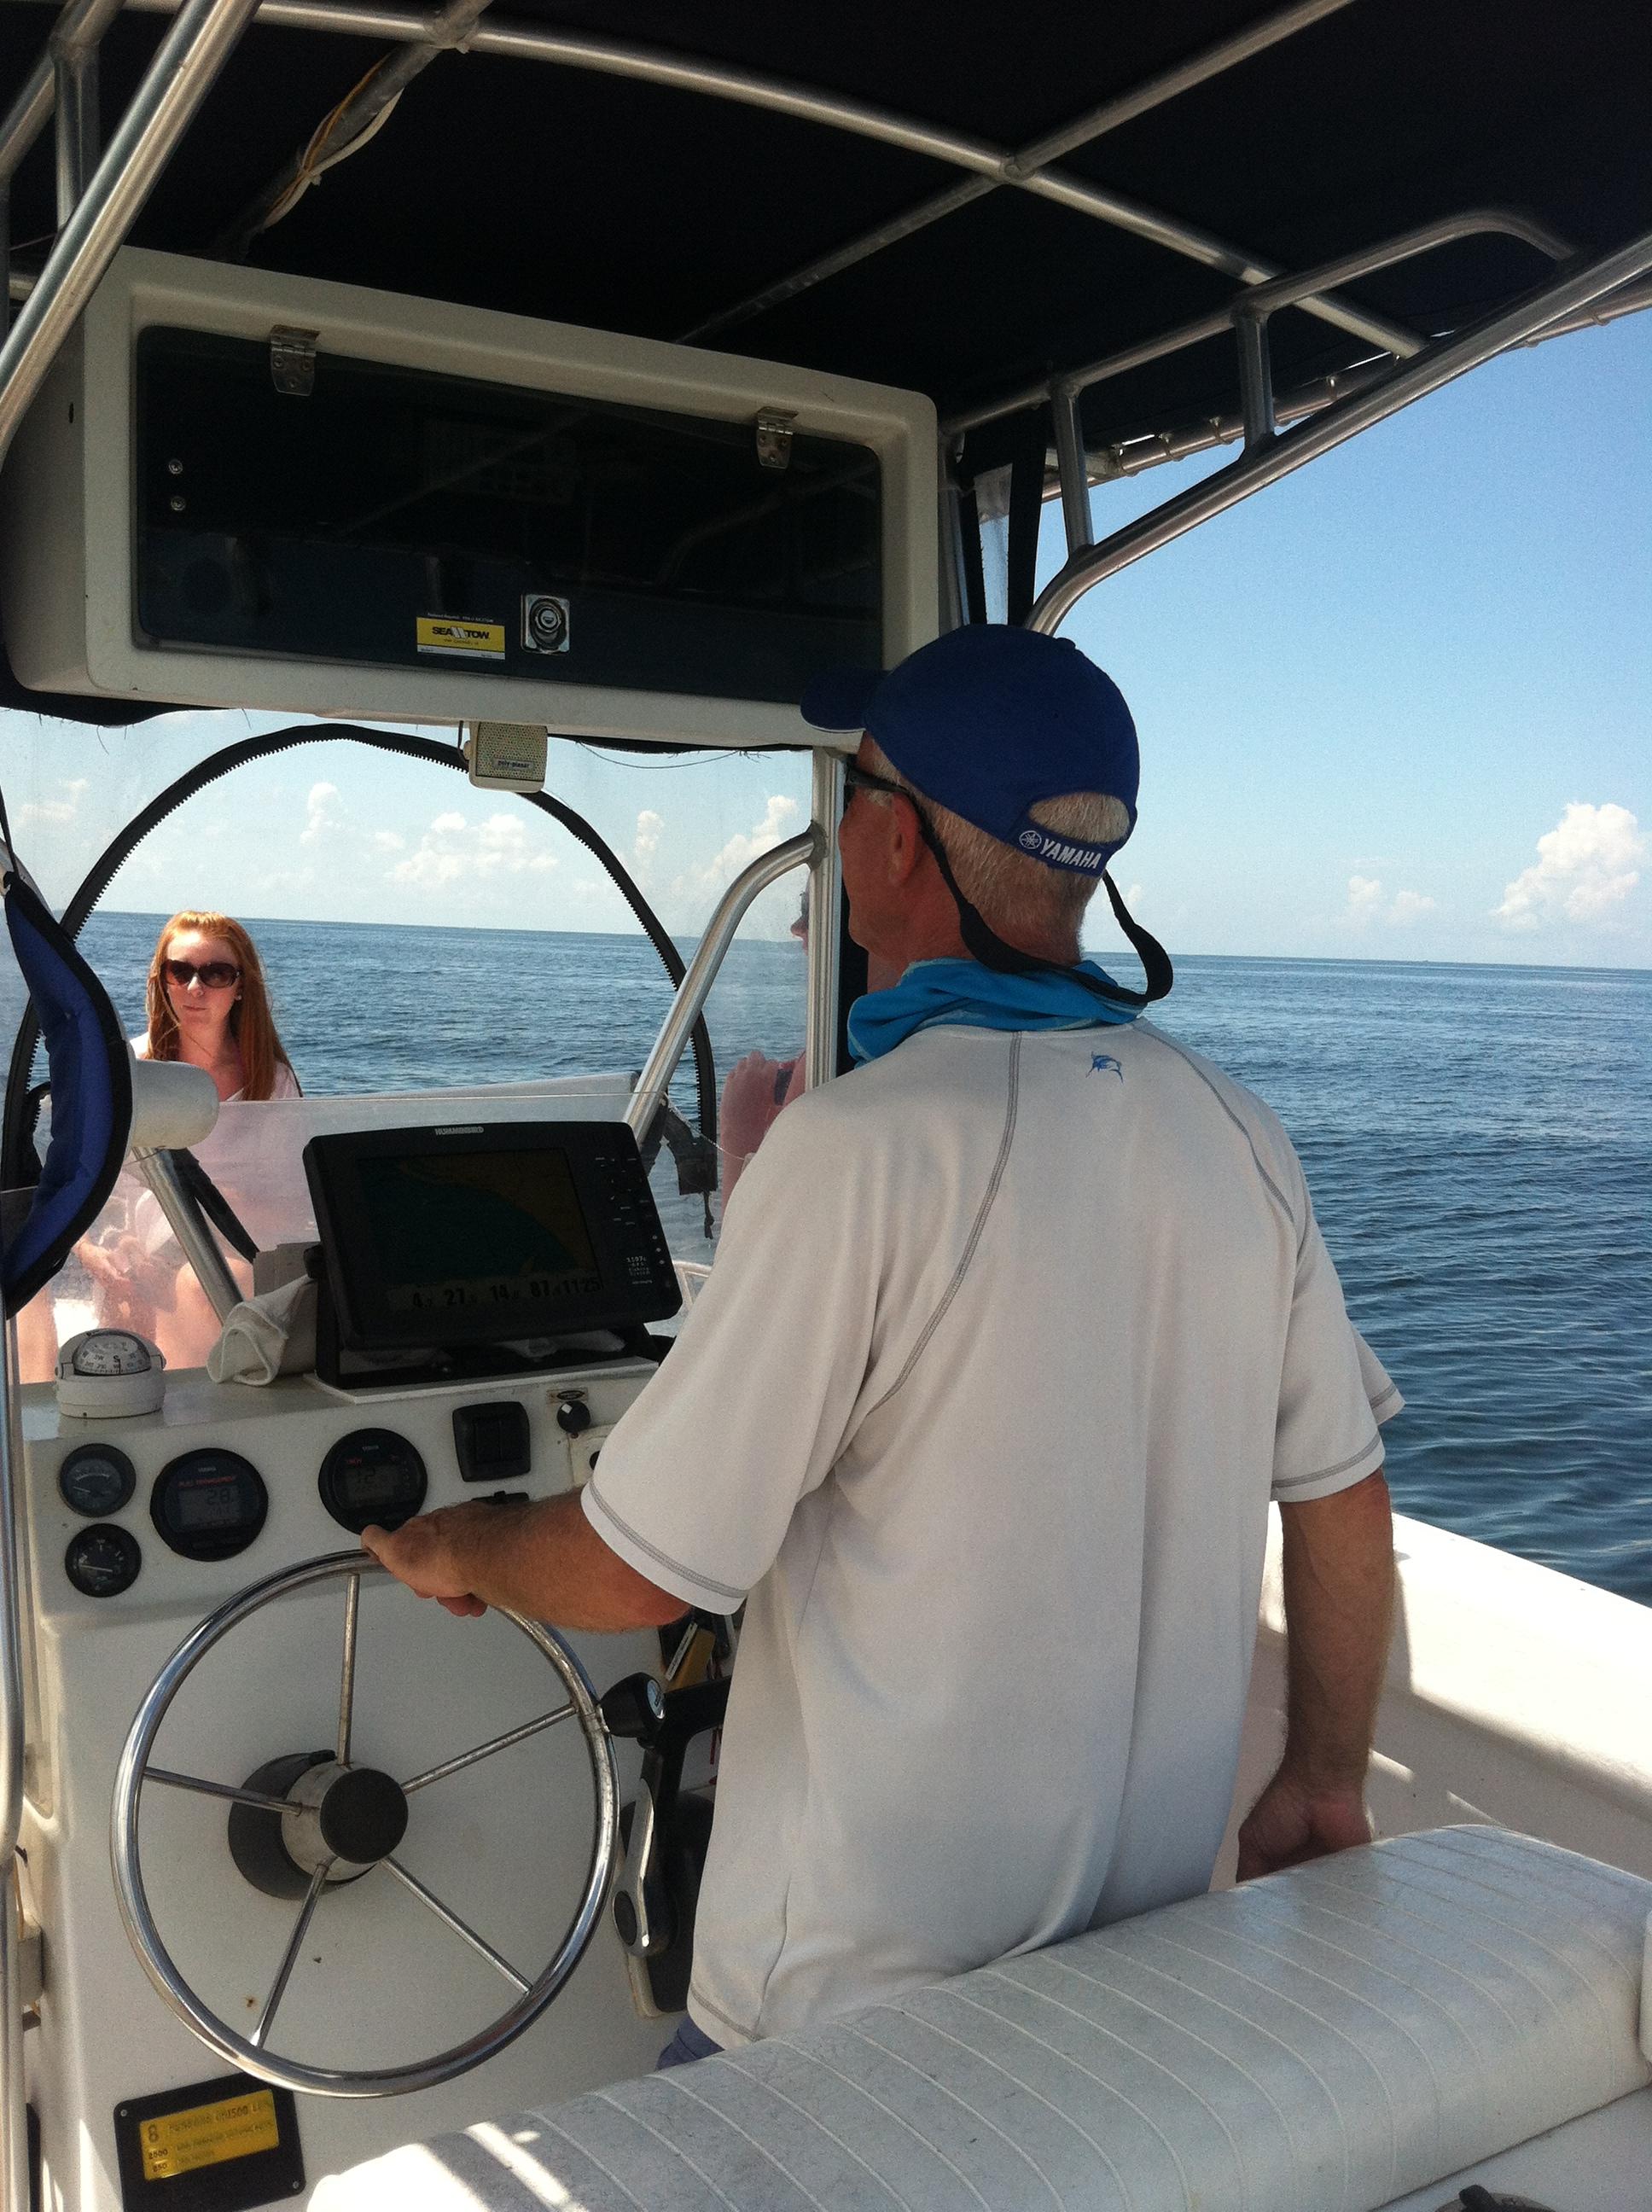 Capt Mitch at work